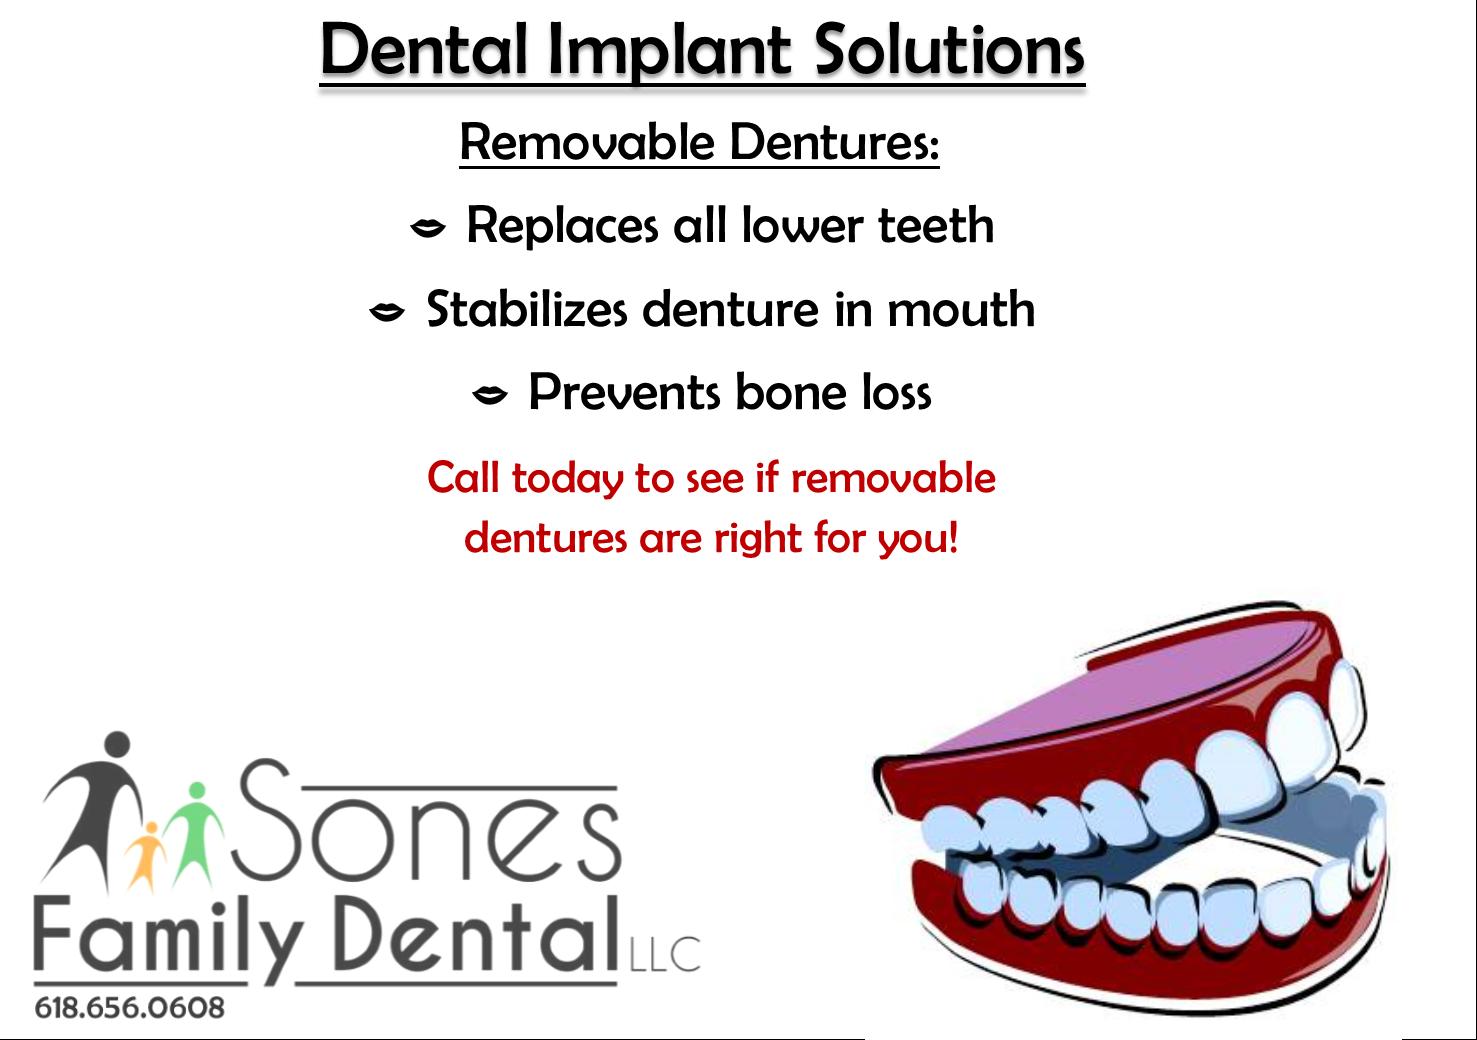 dental implants sol 3.png